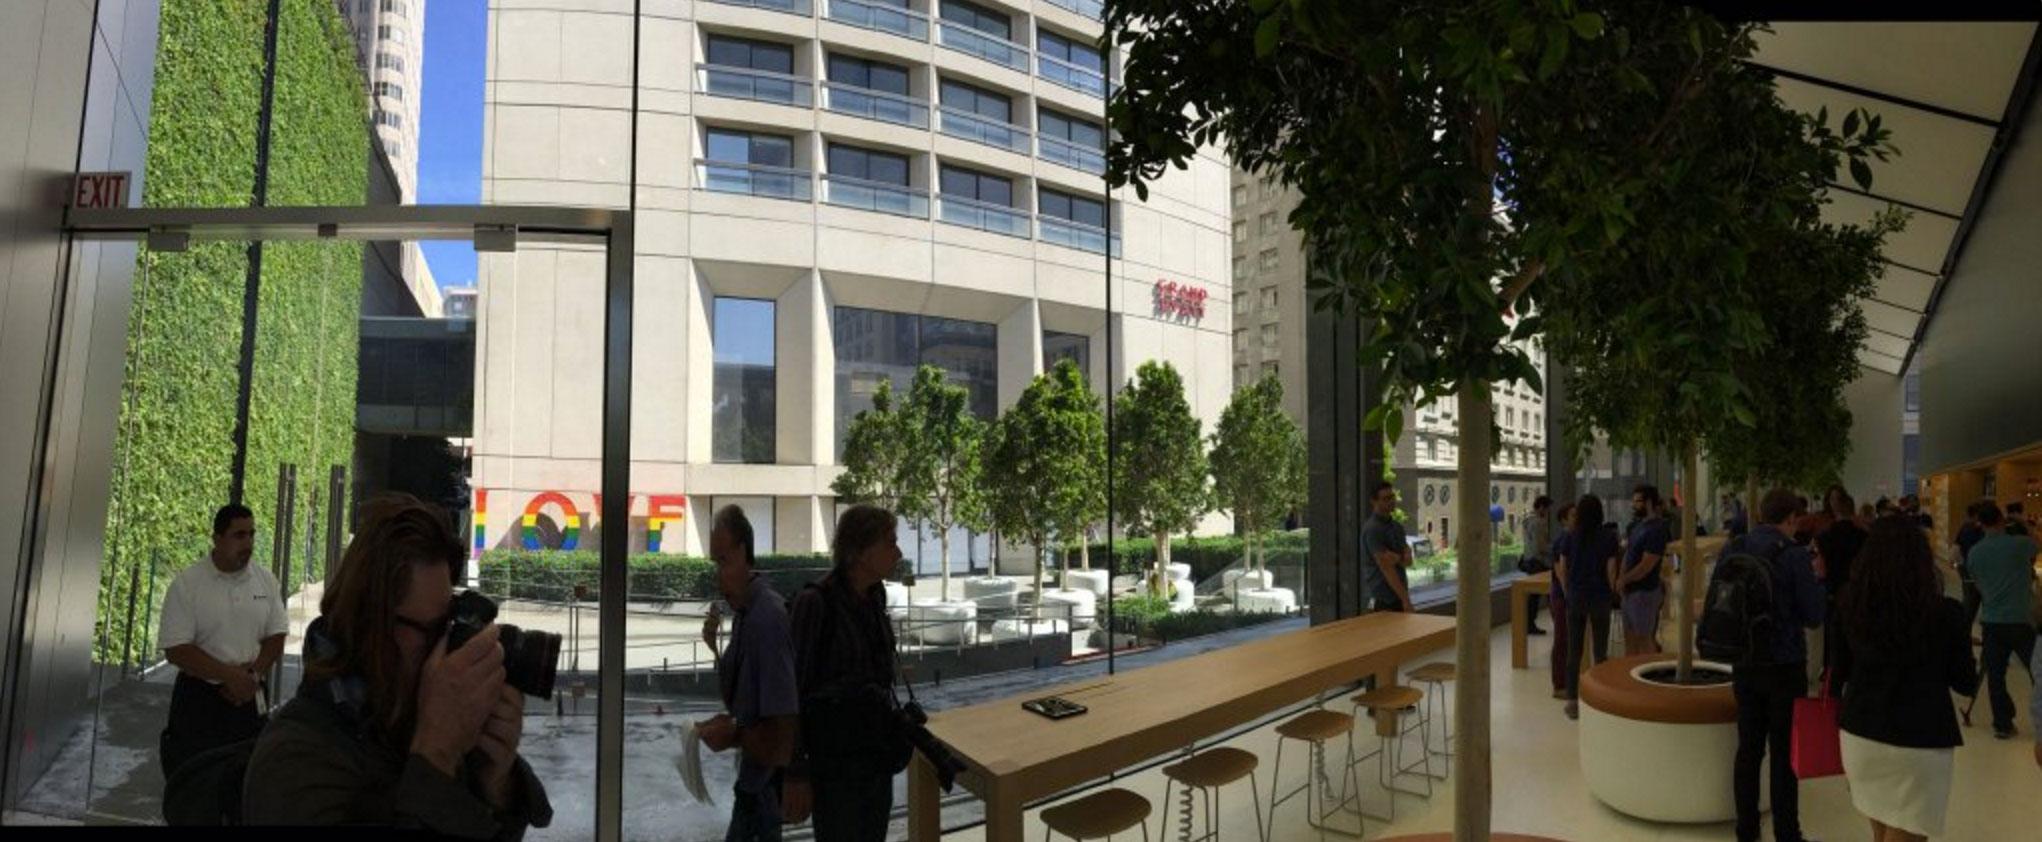 Muro verde en la Apple Store de Unison Square